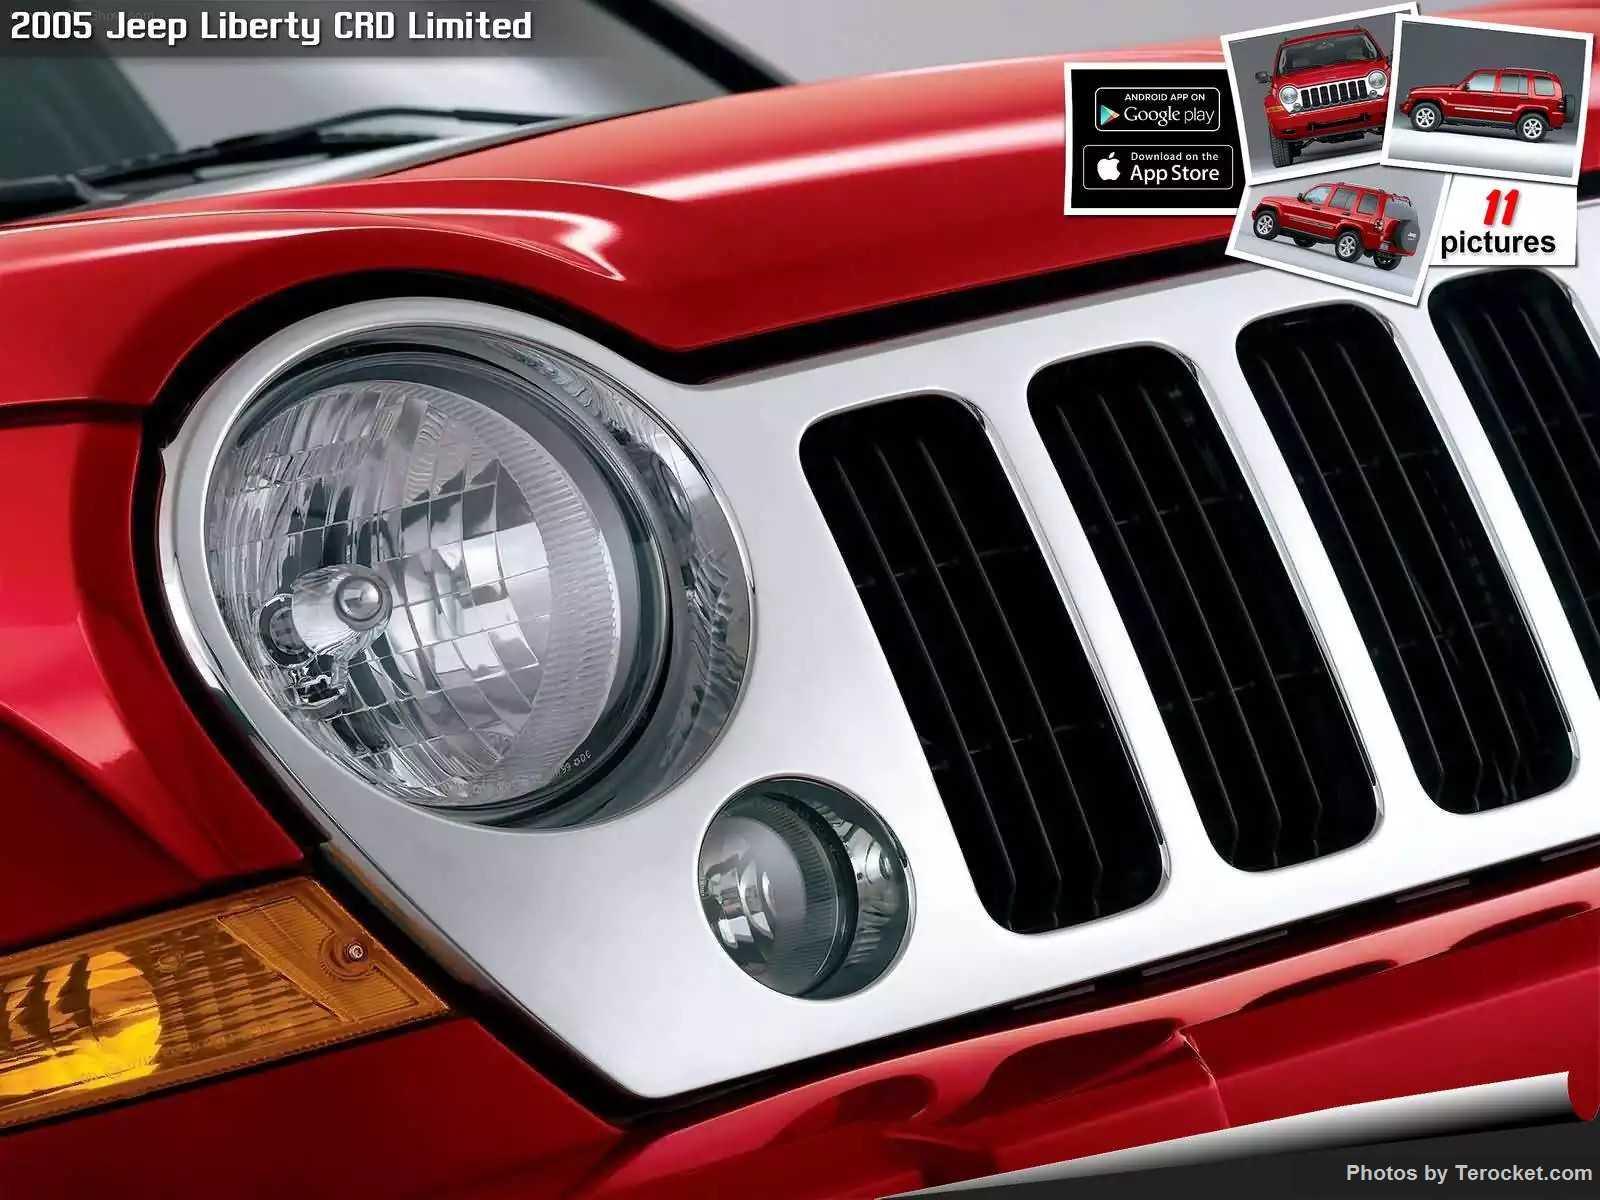 Hình ảnh xe ô tô Jeep Liberty CRD Limited 2005 & nội ngoại thất